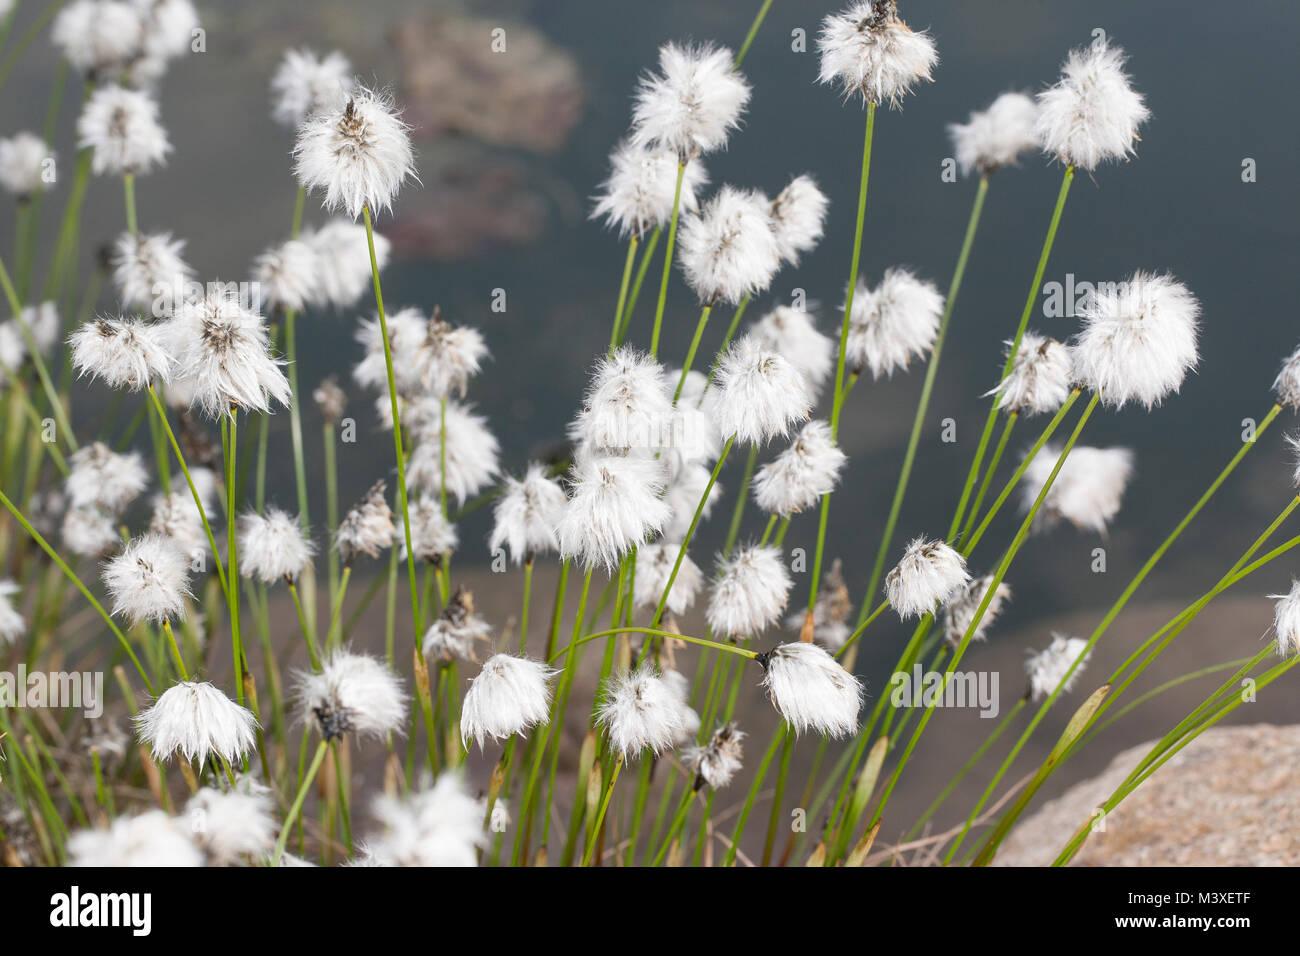 Scheiden-Wollgras, Scheidenwollgras, Moor-Wollgras, Scheidiges Wollgras, Schneiden-Wollgras, Eriophorum vaginatum, - Stock Image